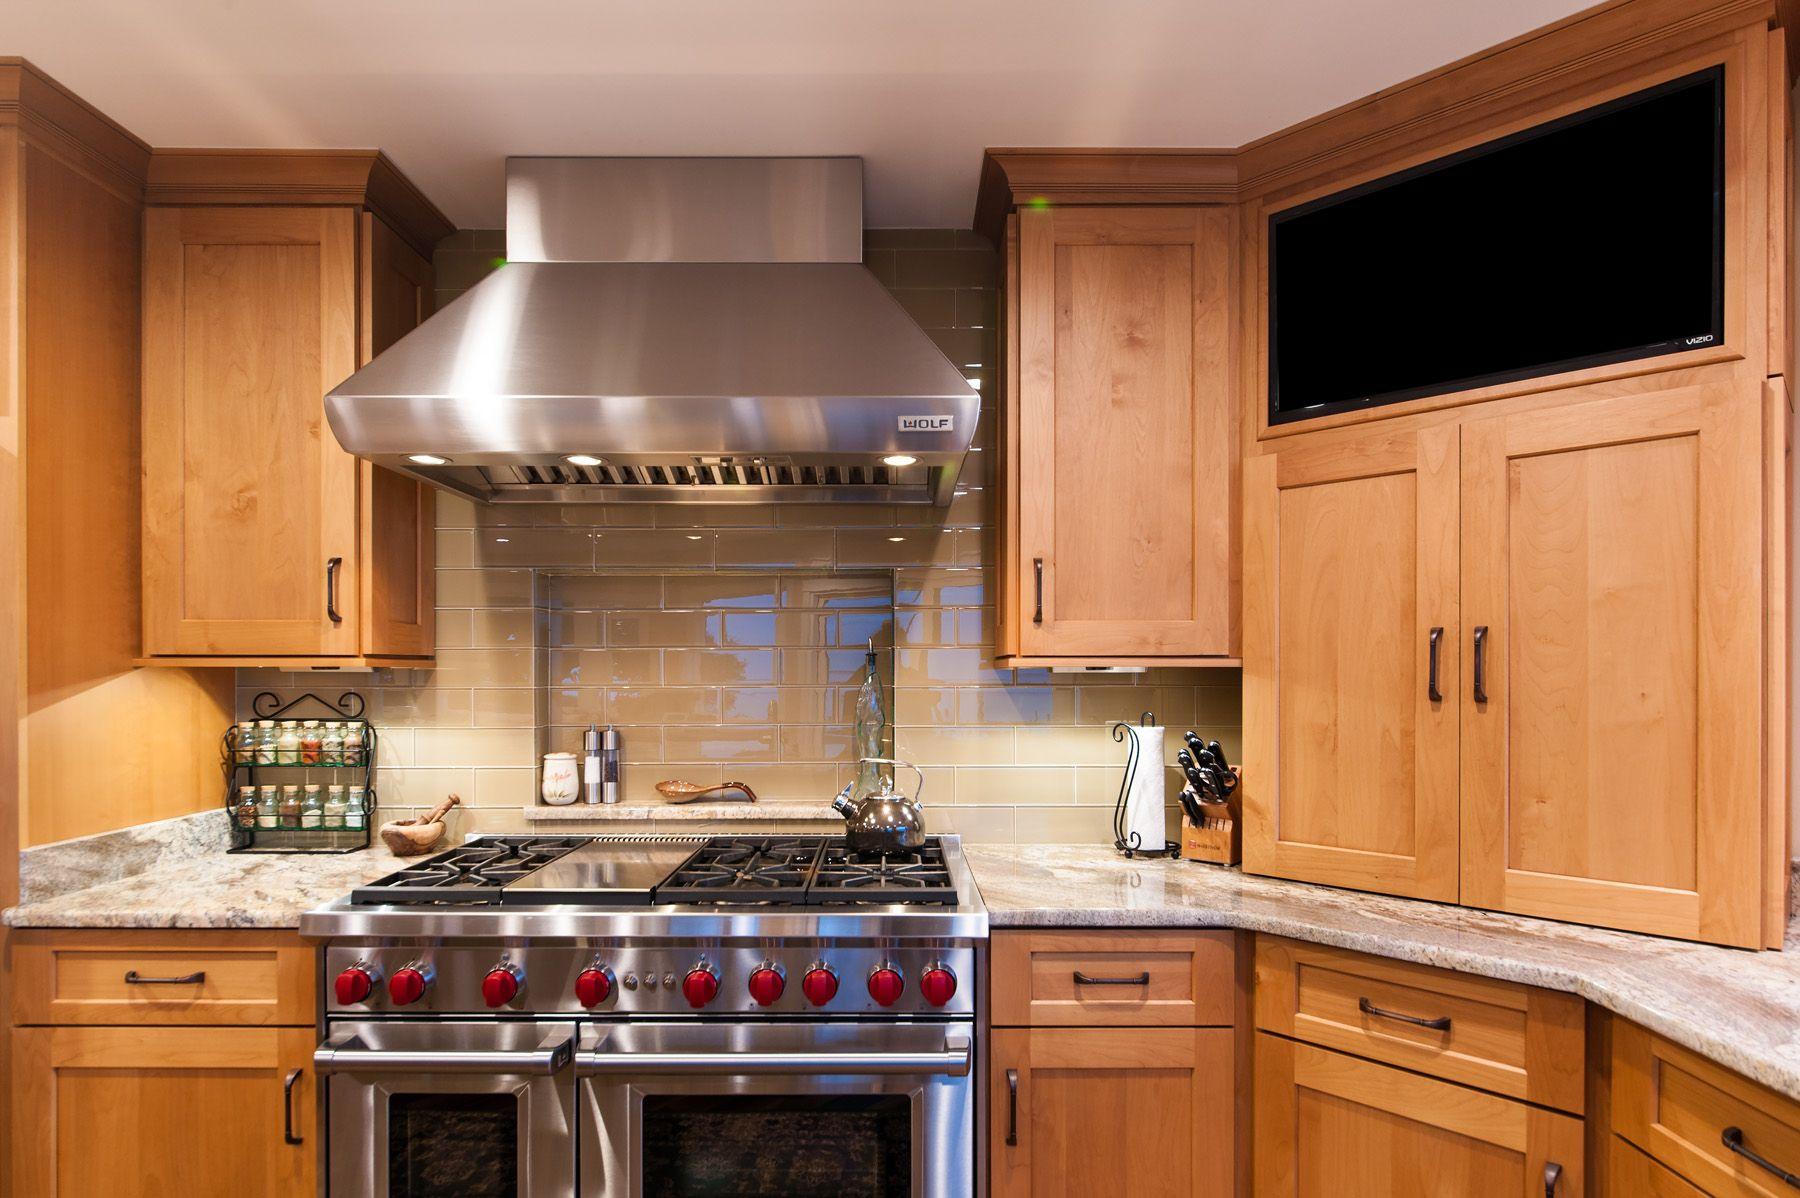 Kitchens Kitchen Kitchen Cabinets Cabinet